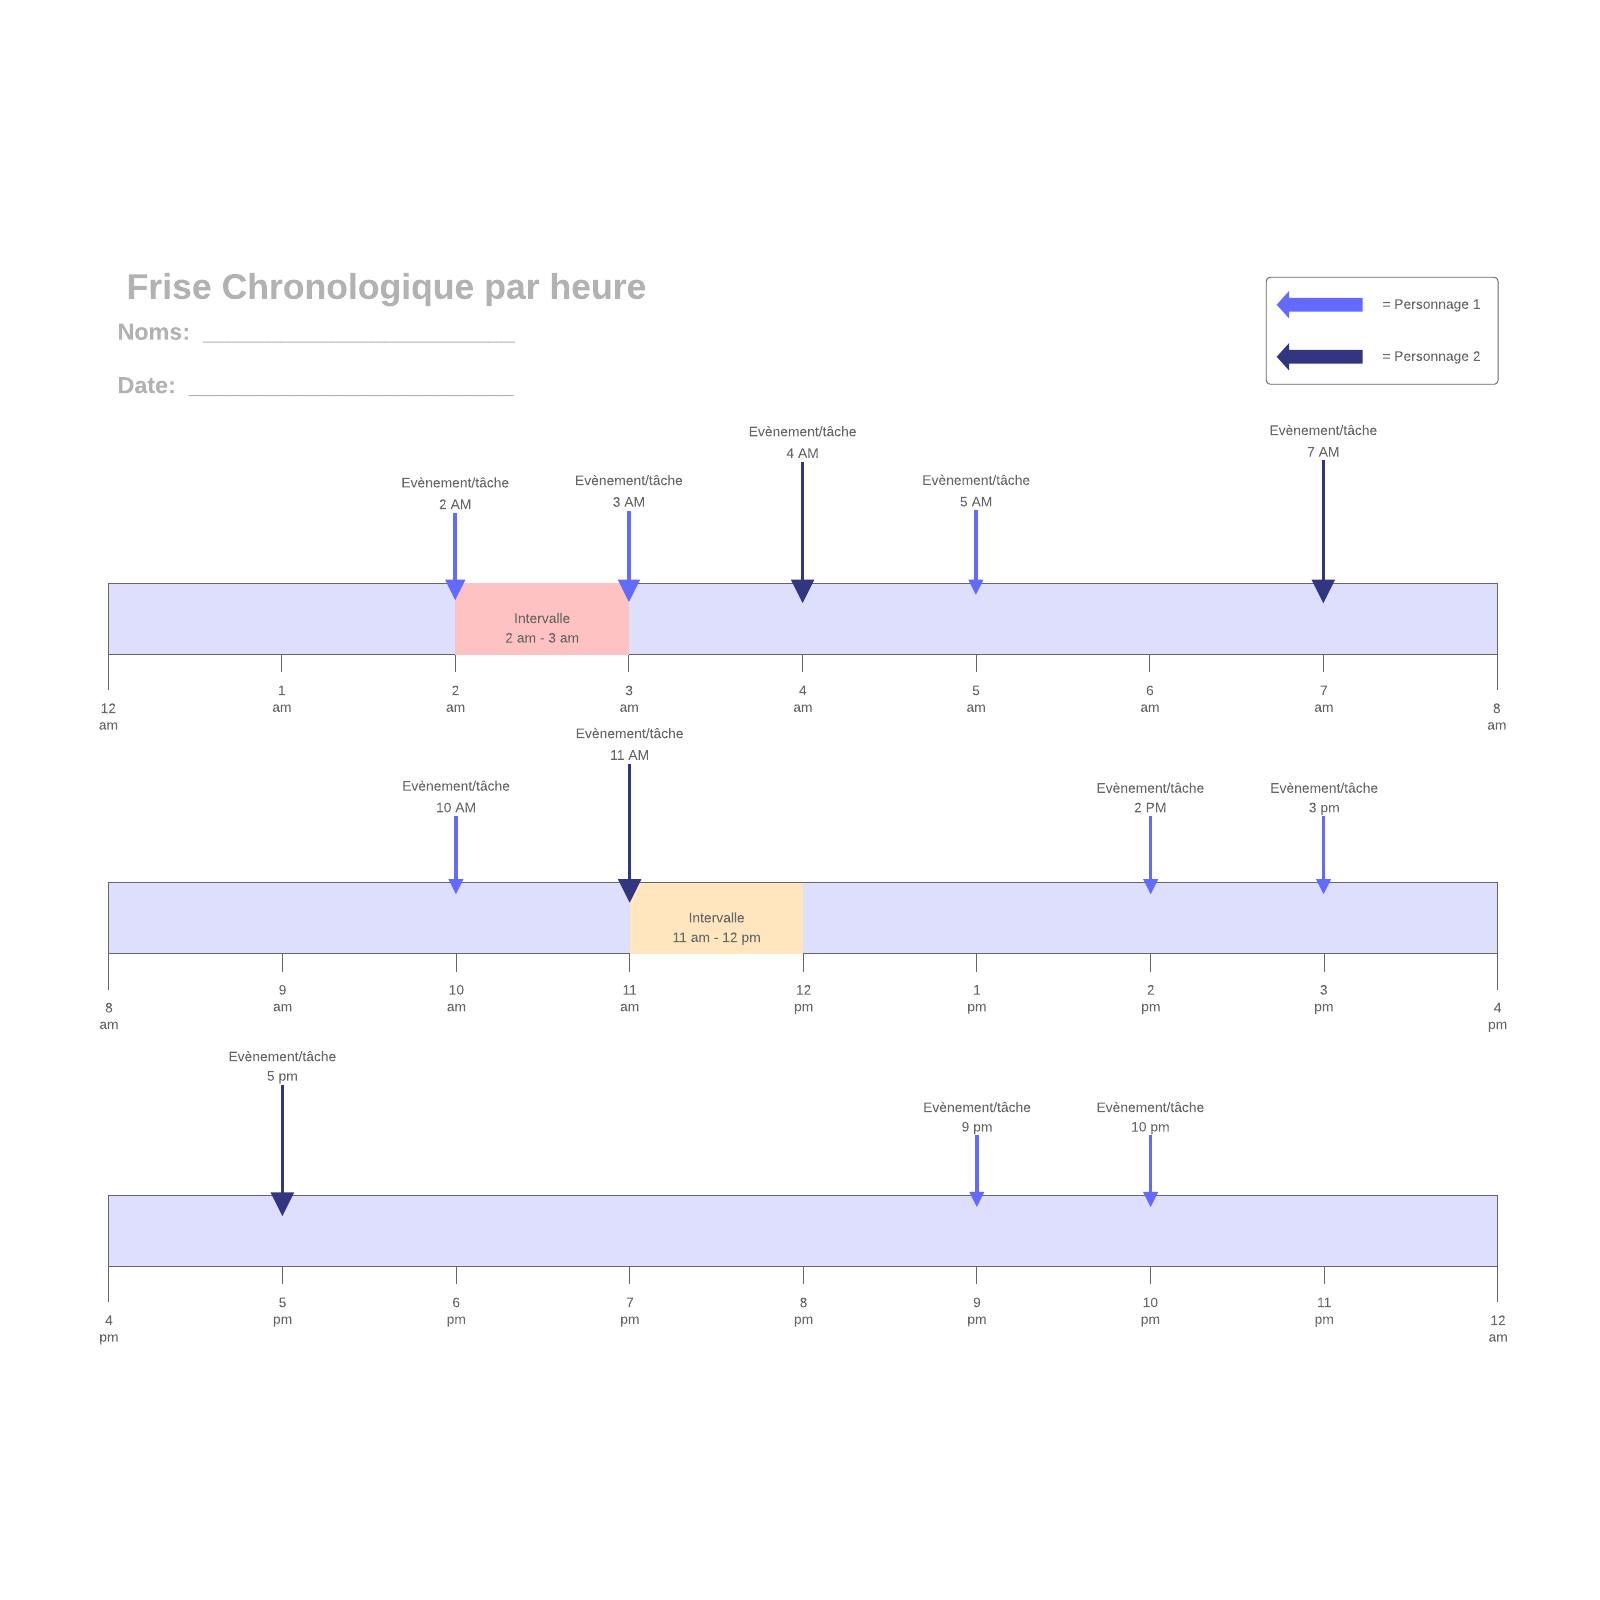 exemple de frise chronologique par heure vierge